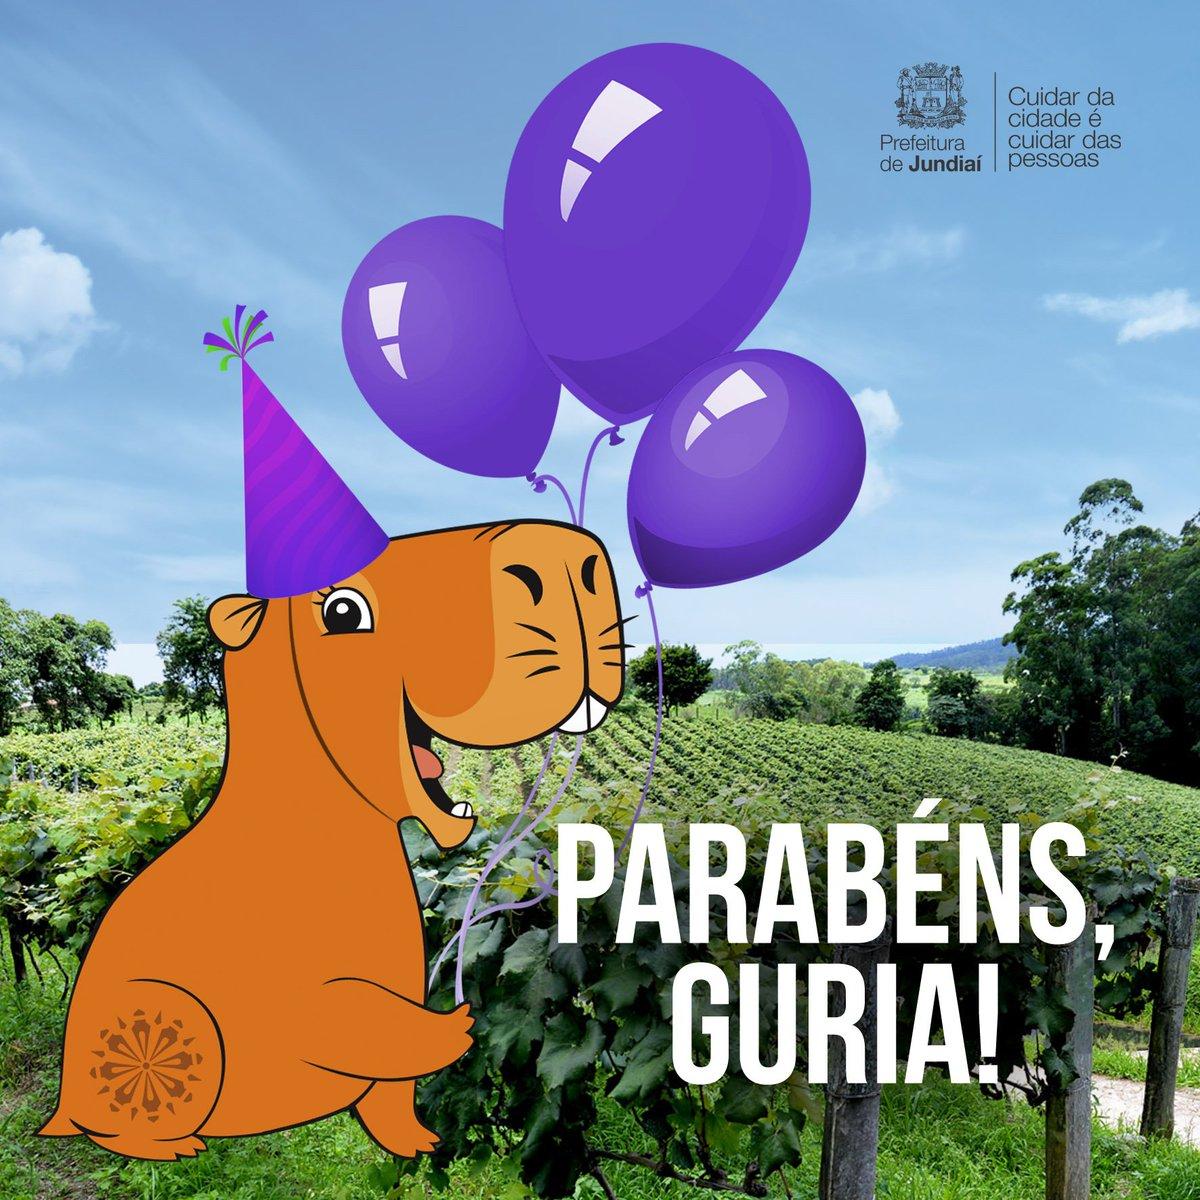 Parabéns, Curitiba ❤ Temos muitos jundiaienses aí e muitos curitibanos aqui! https://t.co/ze0JL0R4To